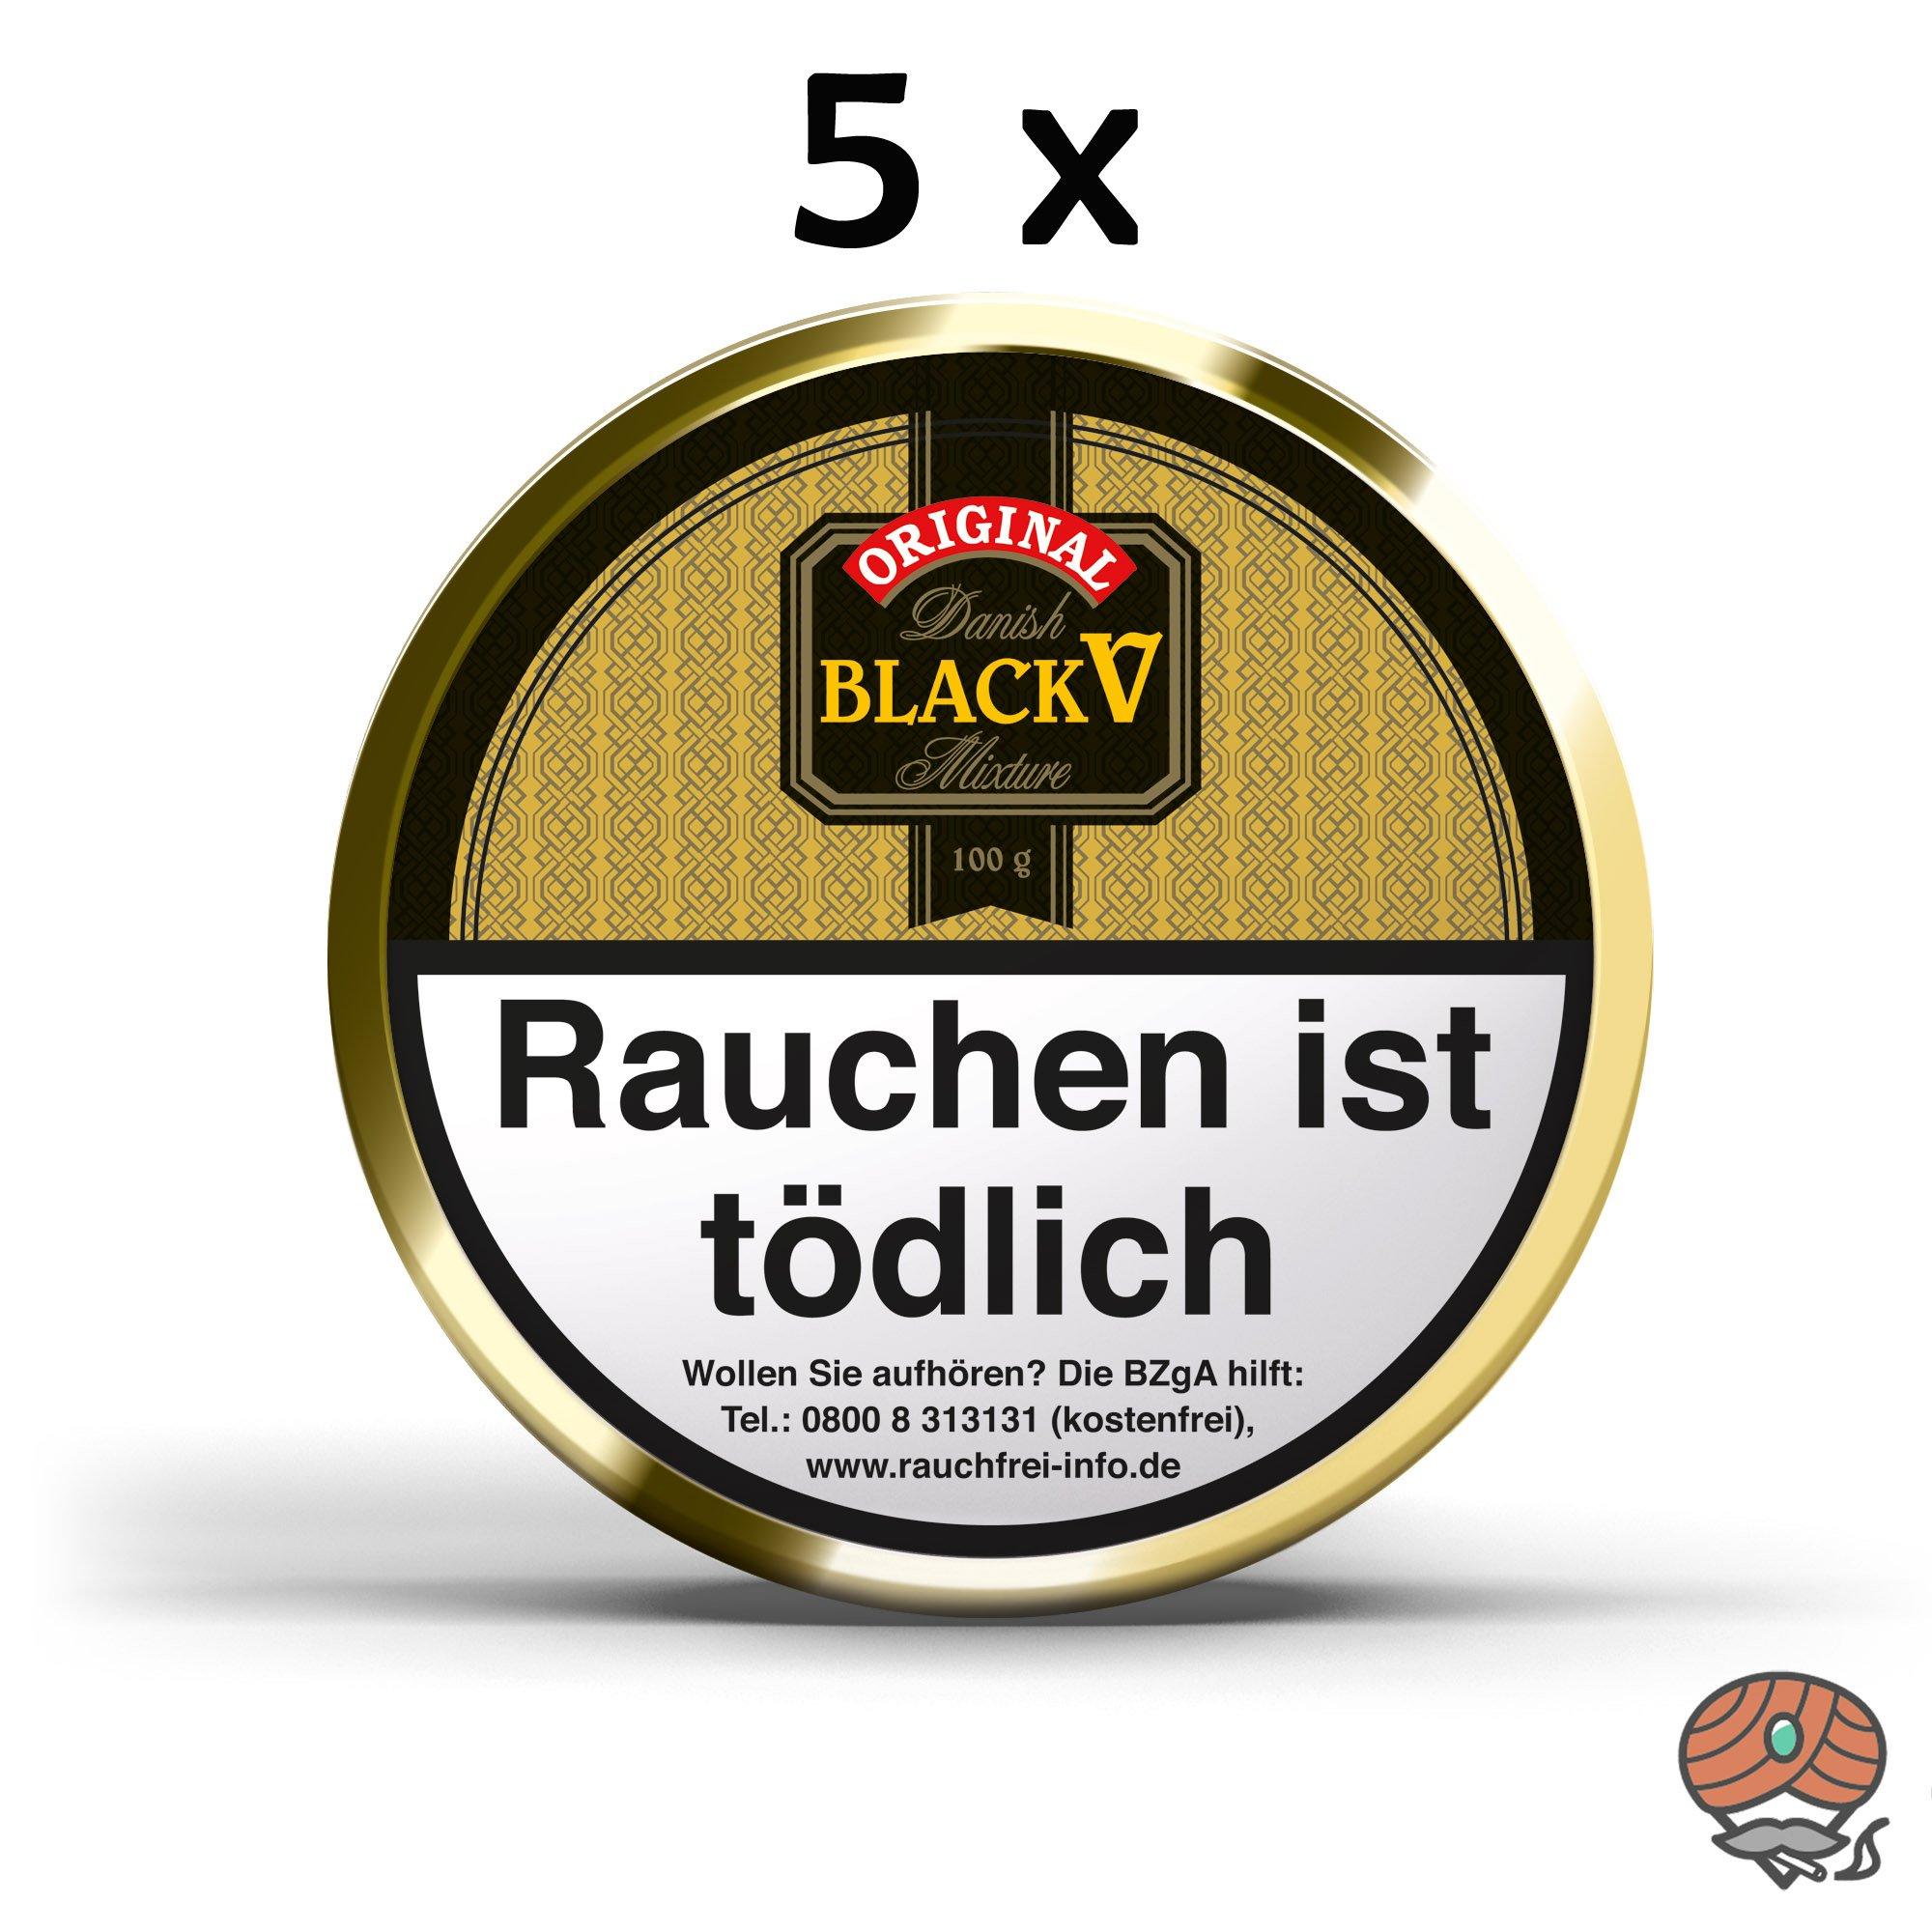 5x Danish Black V Pfeifentabak Vanille Aroma á 100g Dosen